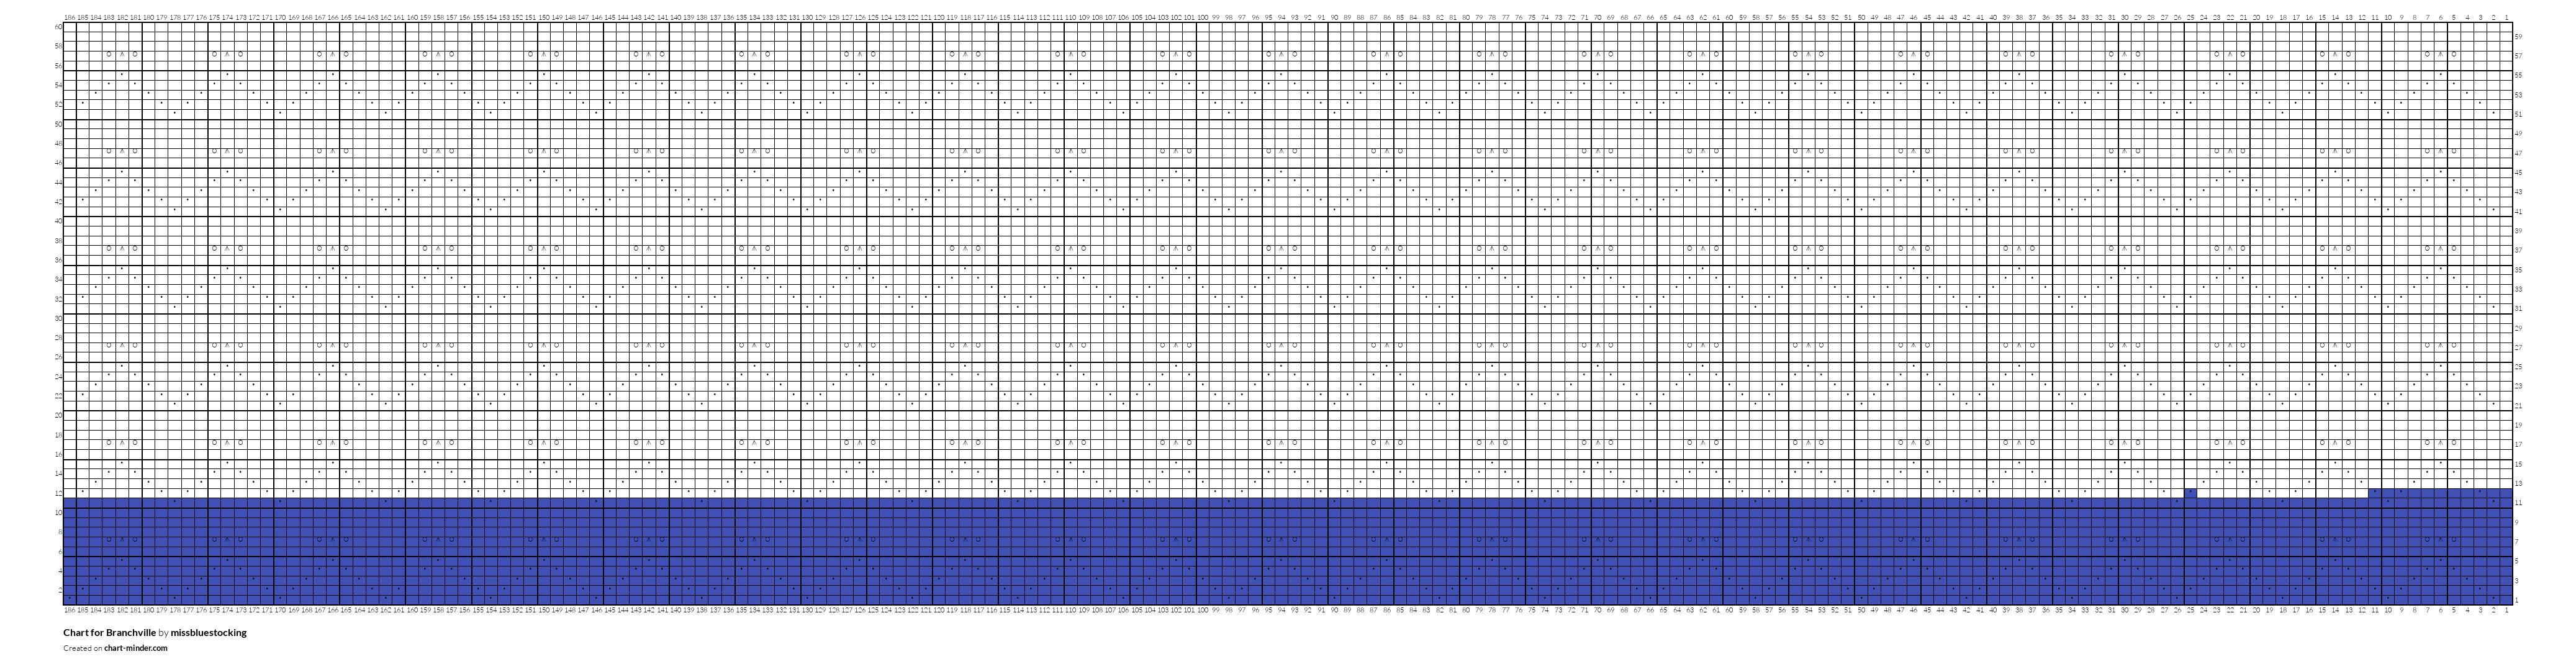 Chart for Branchville